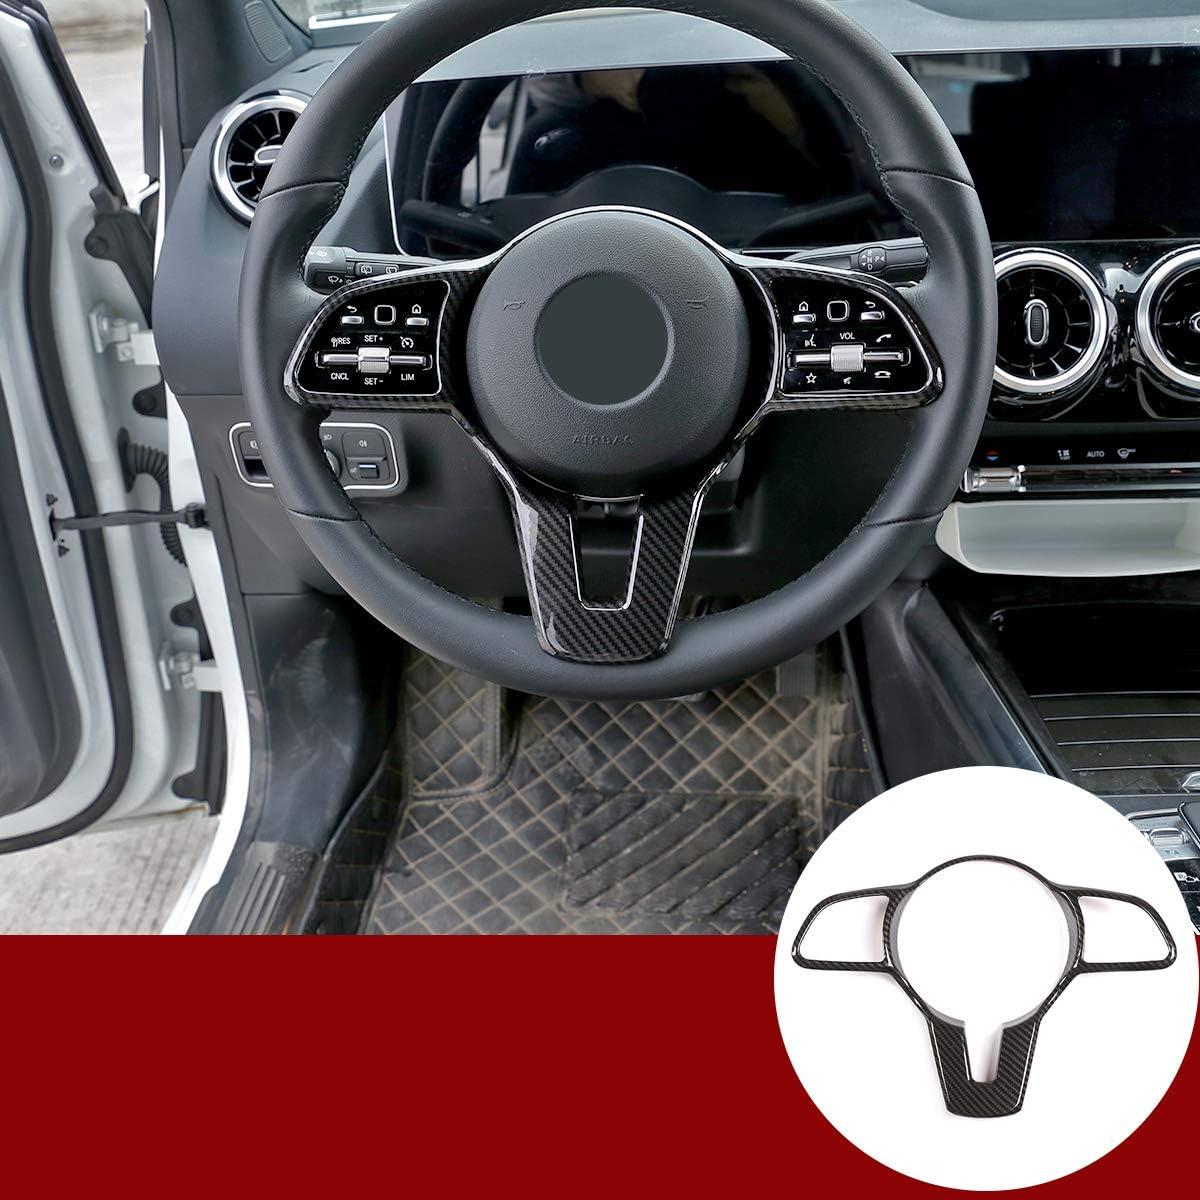 Auto Lenkrad Dekoration Abdeckung Für Benz A B C E G Cla Cls Glc Gle Gls Glb Eqc W177 W247 W205 W213 C257 X253 W167 W463 X247 N293 Zubehör Kohlefaser Auto